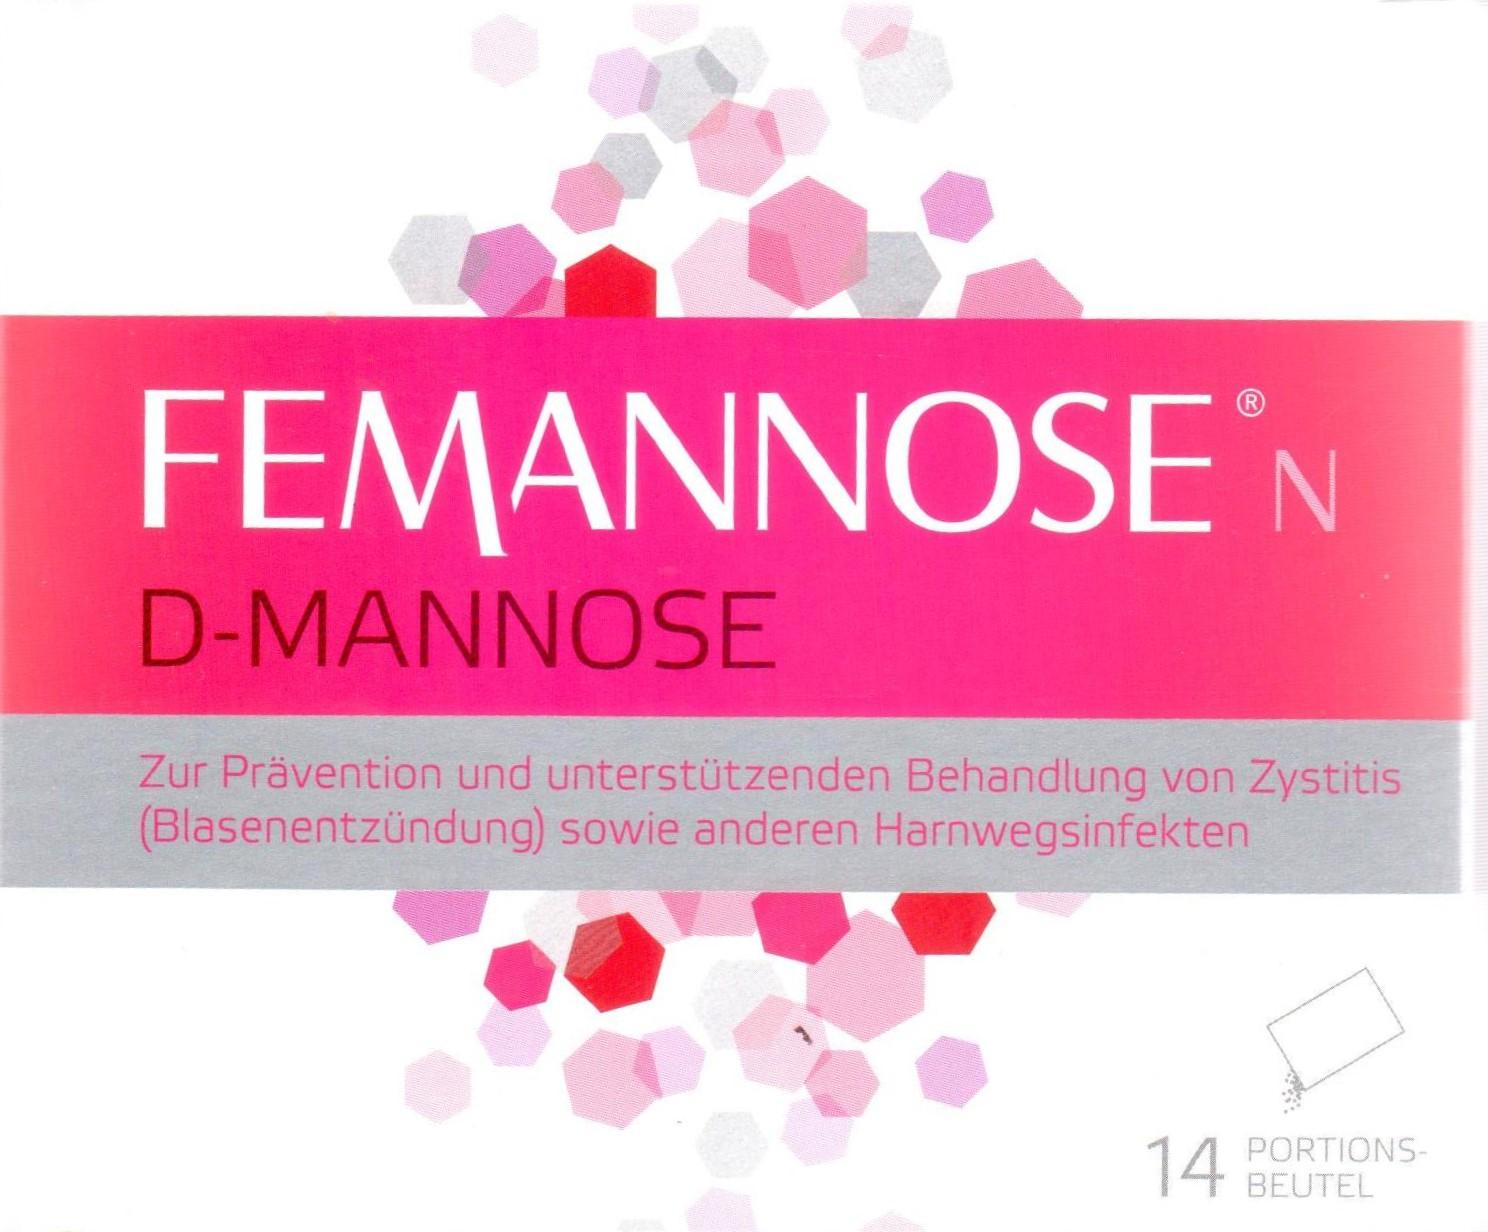 Femannose N 14 St. PZN 12828537 bei Blasenentzündung